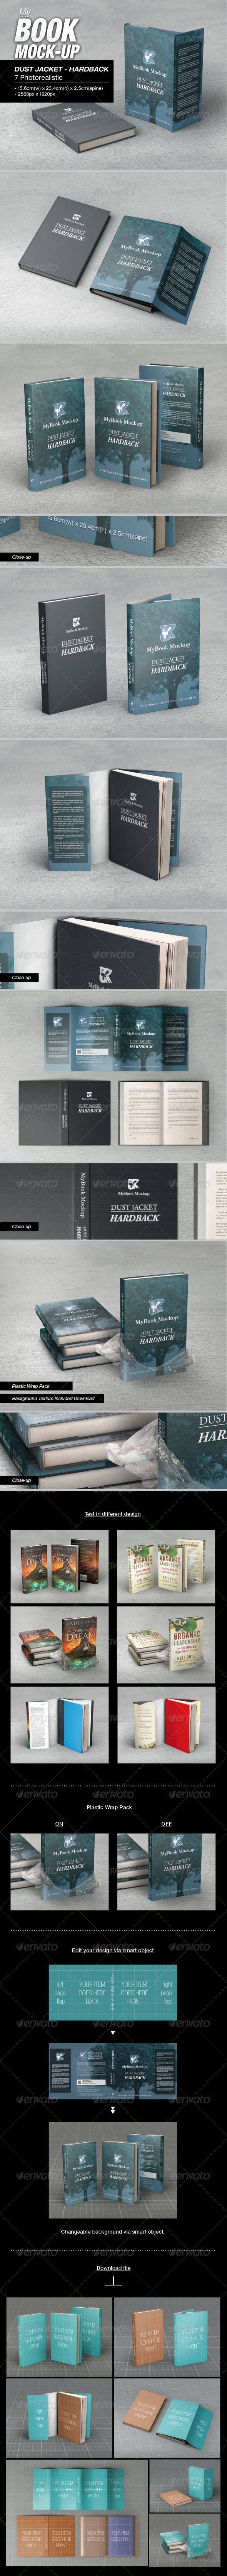 GraphicRiver MyBook Mock-up DJ Hardback 01 7778620